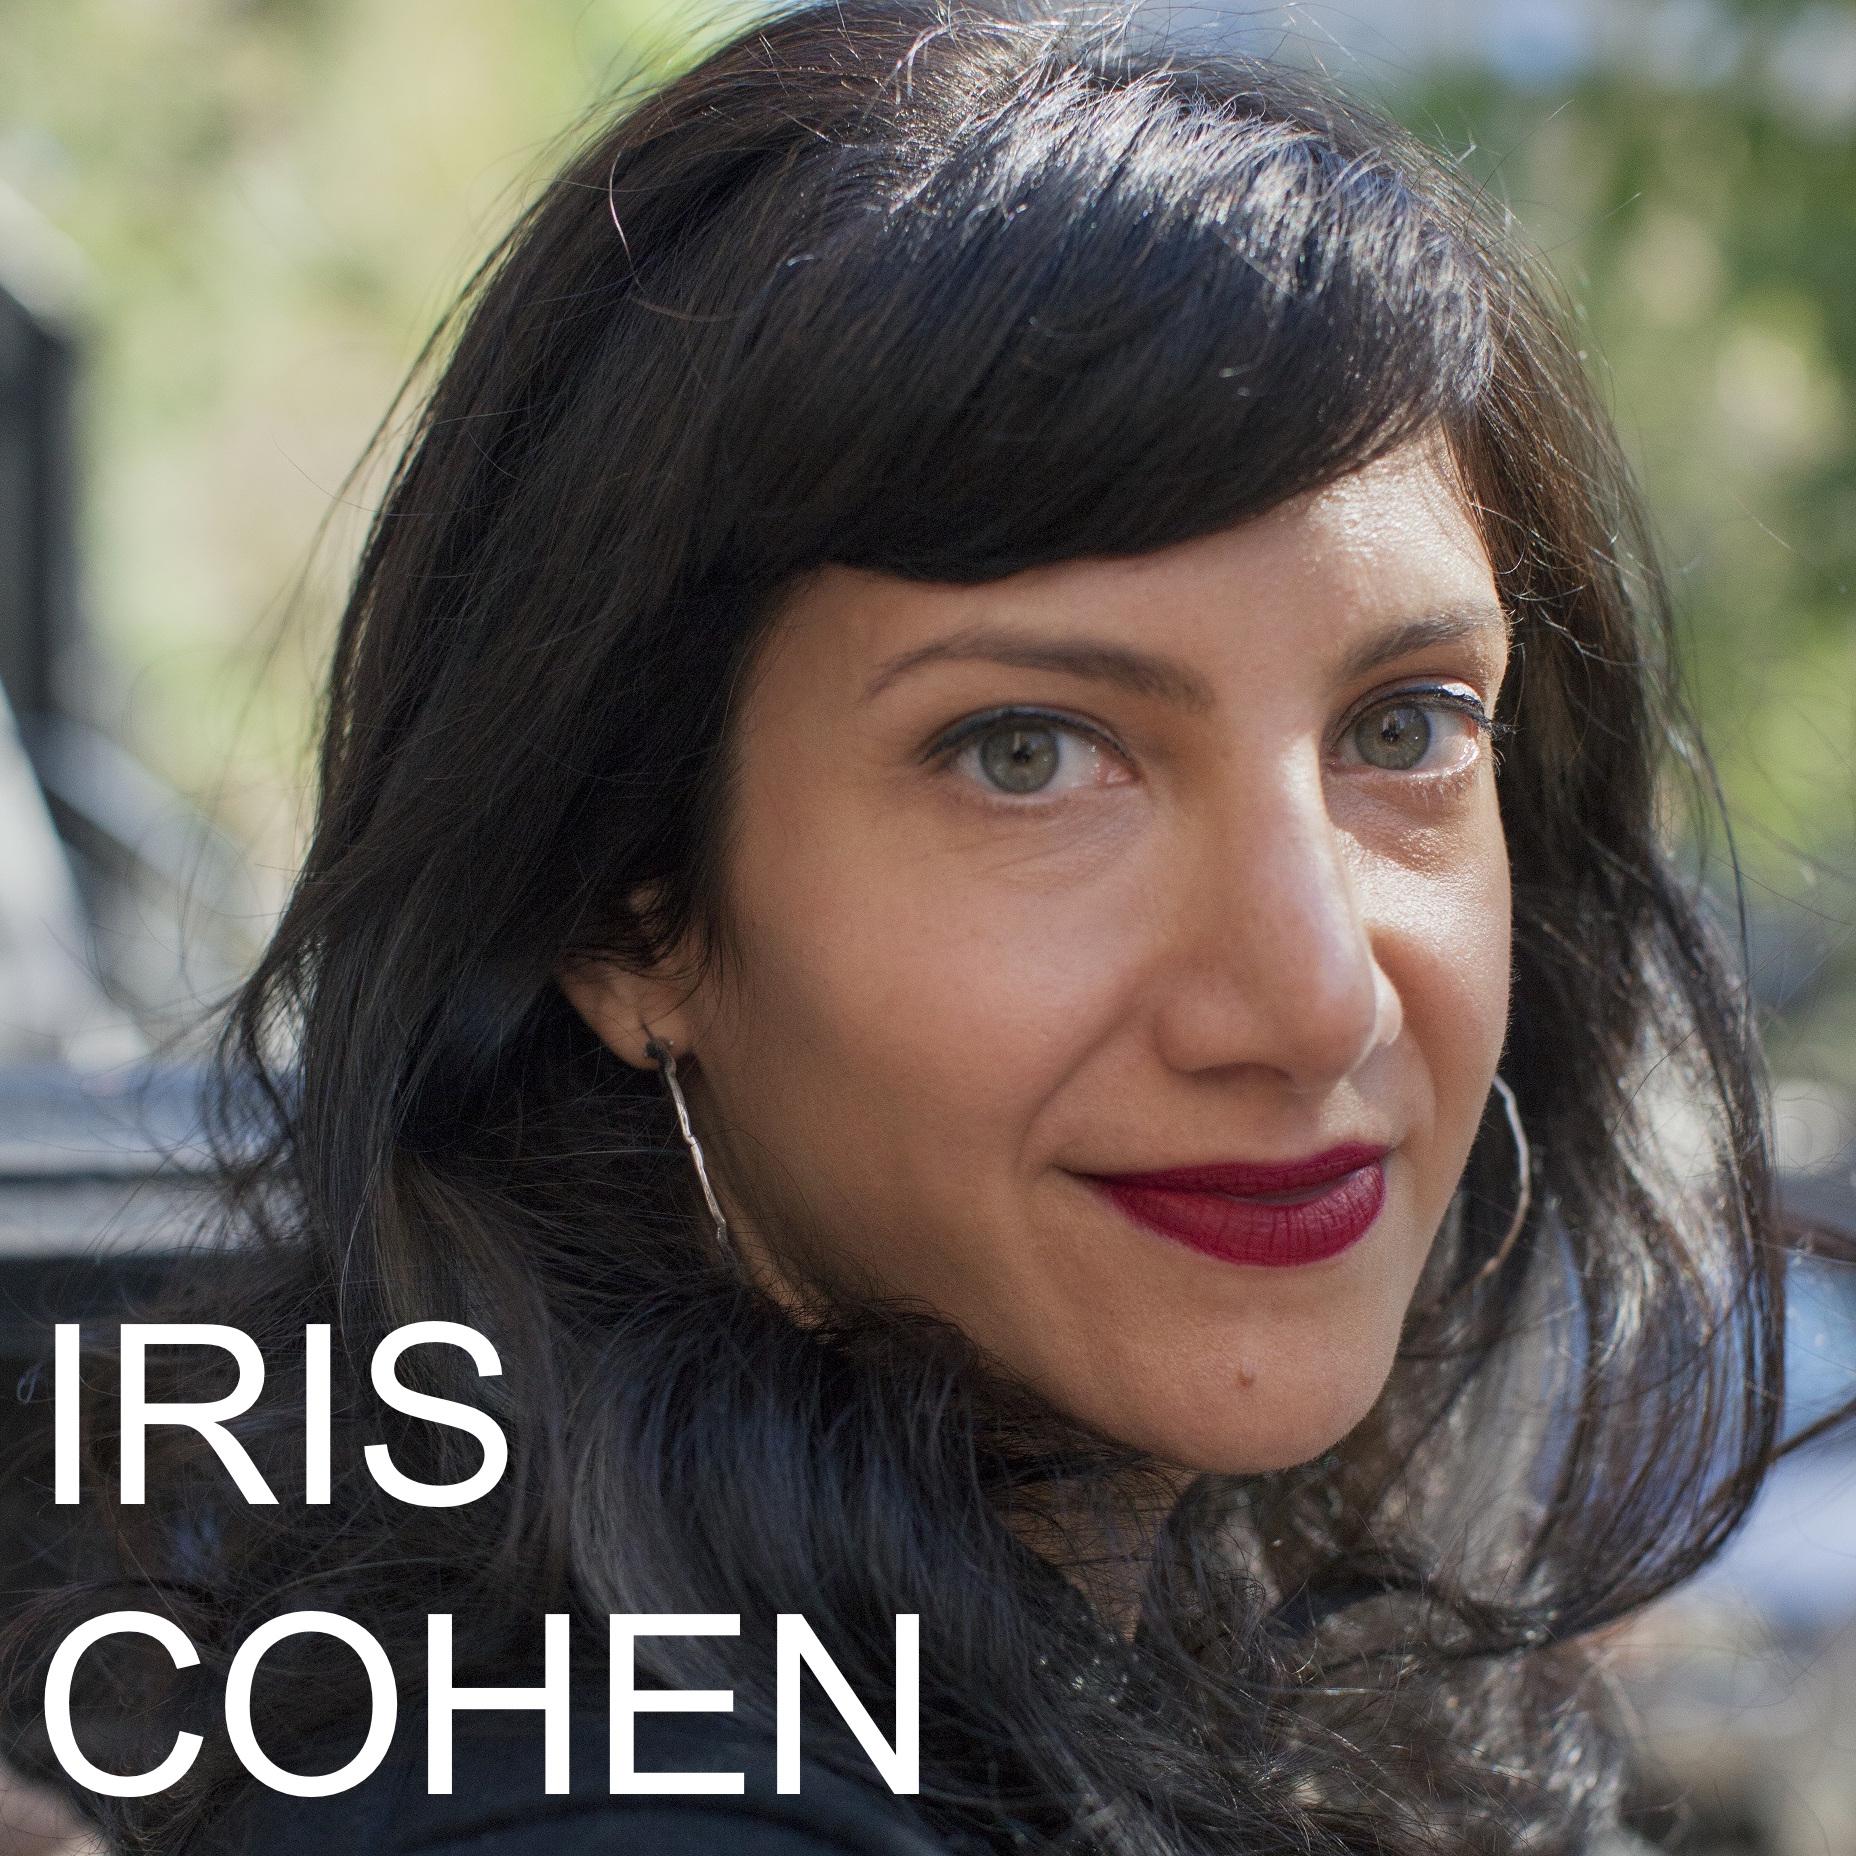 iris cohen_Micheal Assous_smaller.jpg